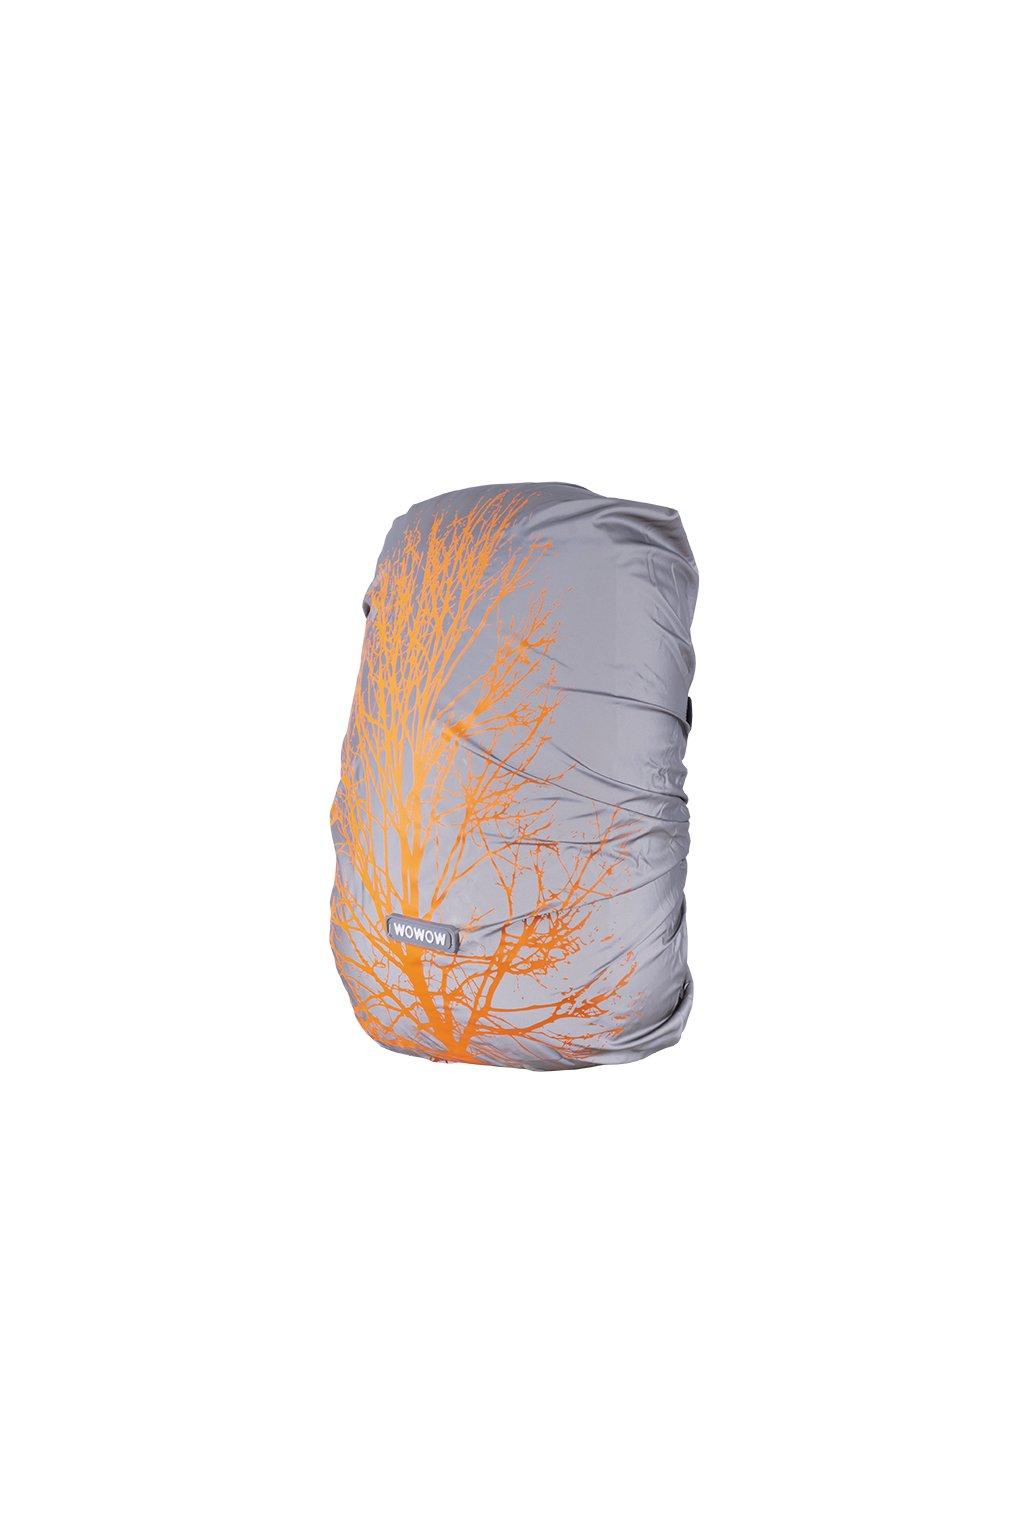 BAG COVER QUEBEC FRONT BIG